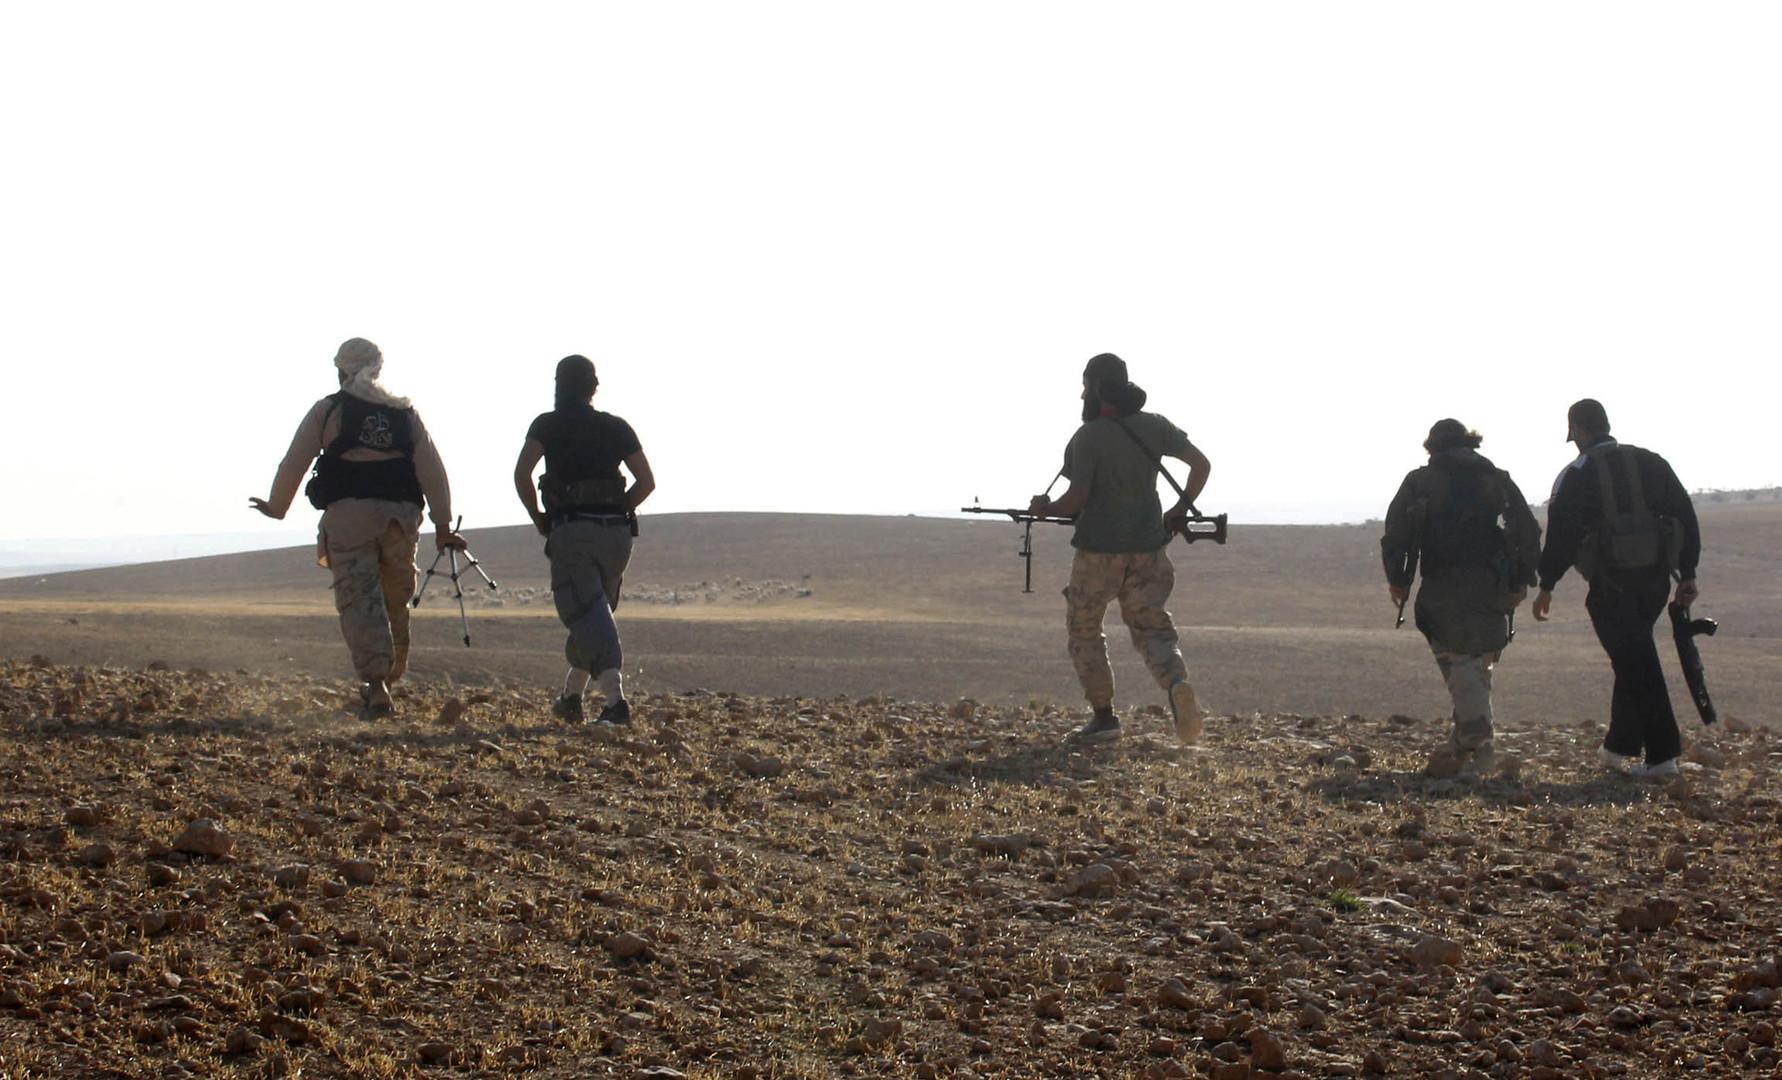 عشرات القتلى بمعارك بين الجيش السوري وجماعات مسلحة شمال غربي سوريا